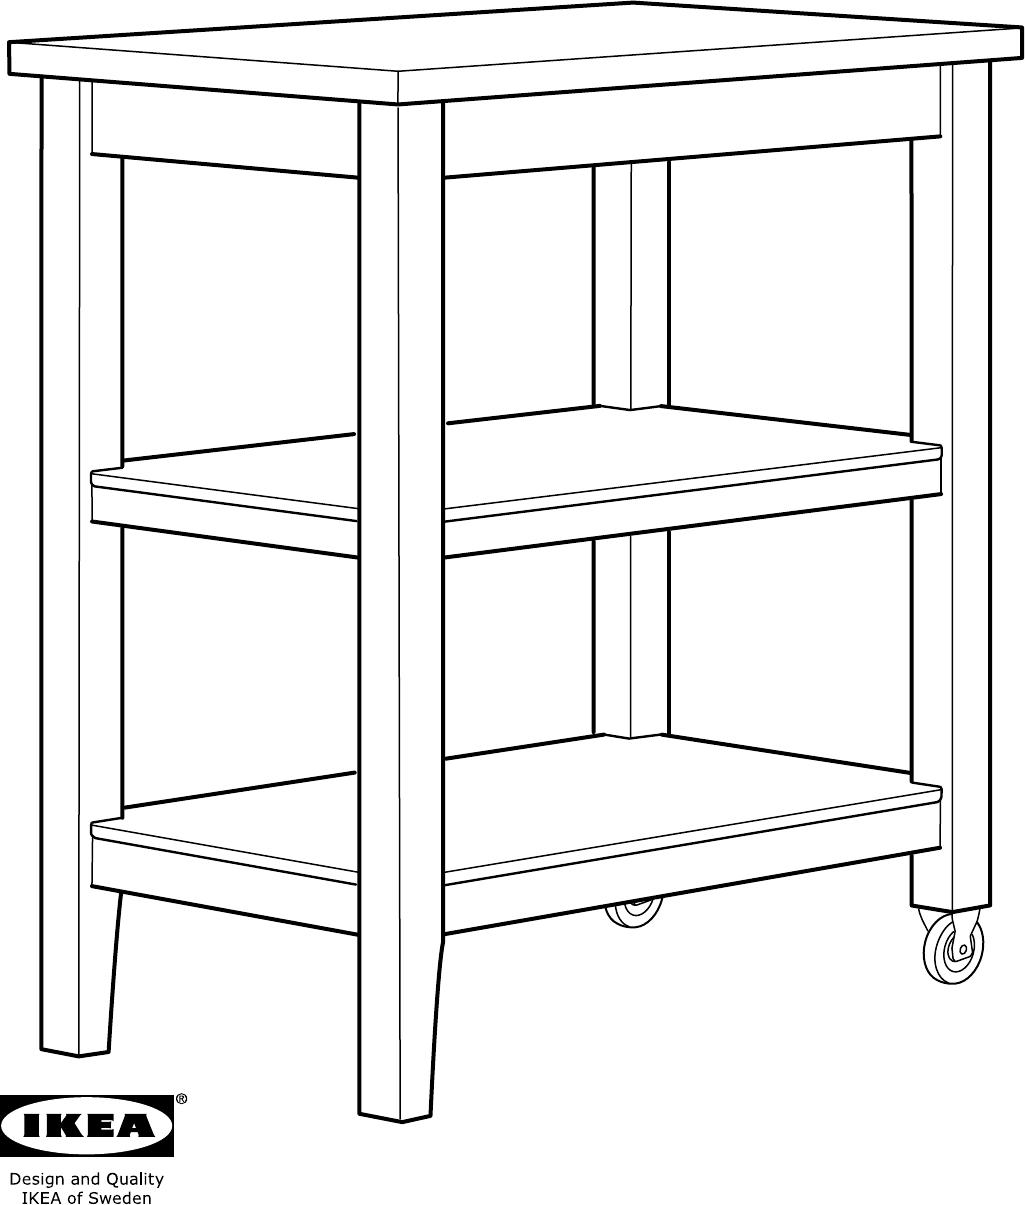 Handleiding Ikea Stenstorp Roltafel Pagina 1 Van 12 Dansk